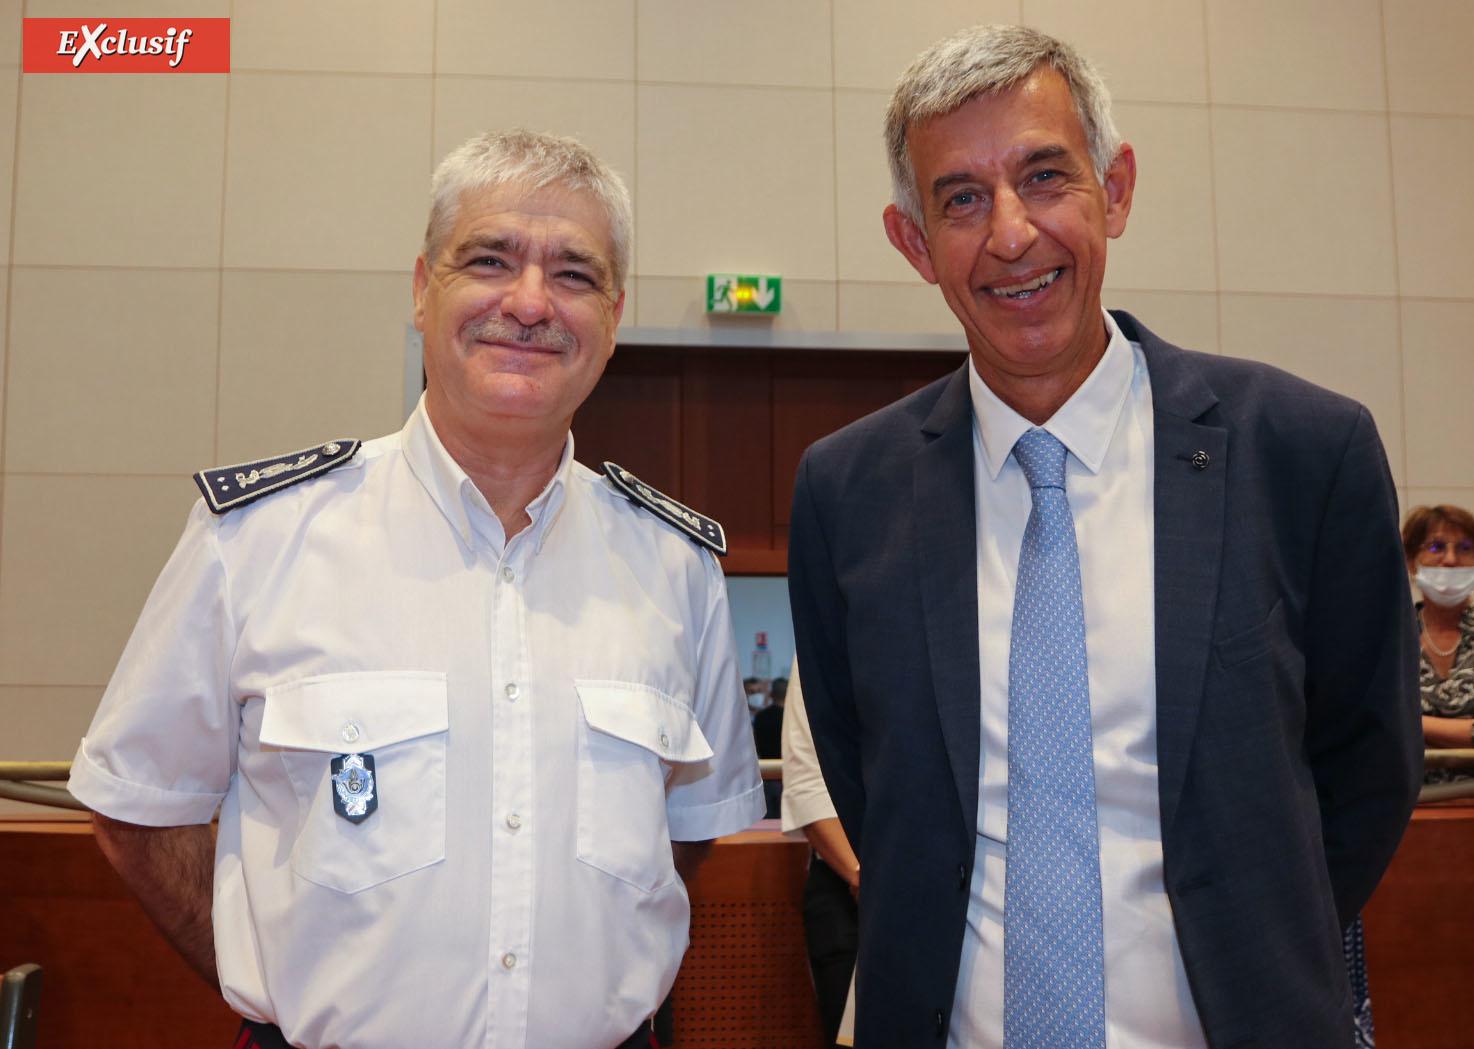 Patrice Vernet, directeur régional des Douanes, et Alain Chateauneuf, premier président de la cour d'Appel de Saint-Denis